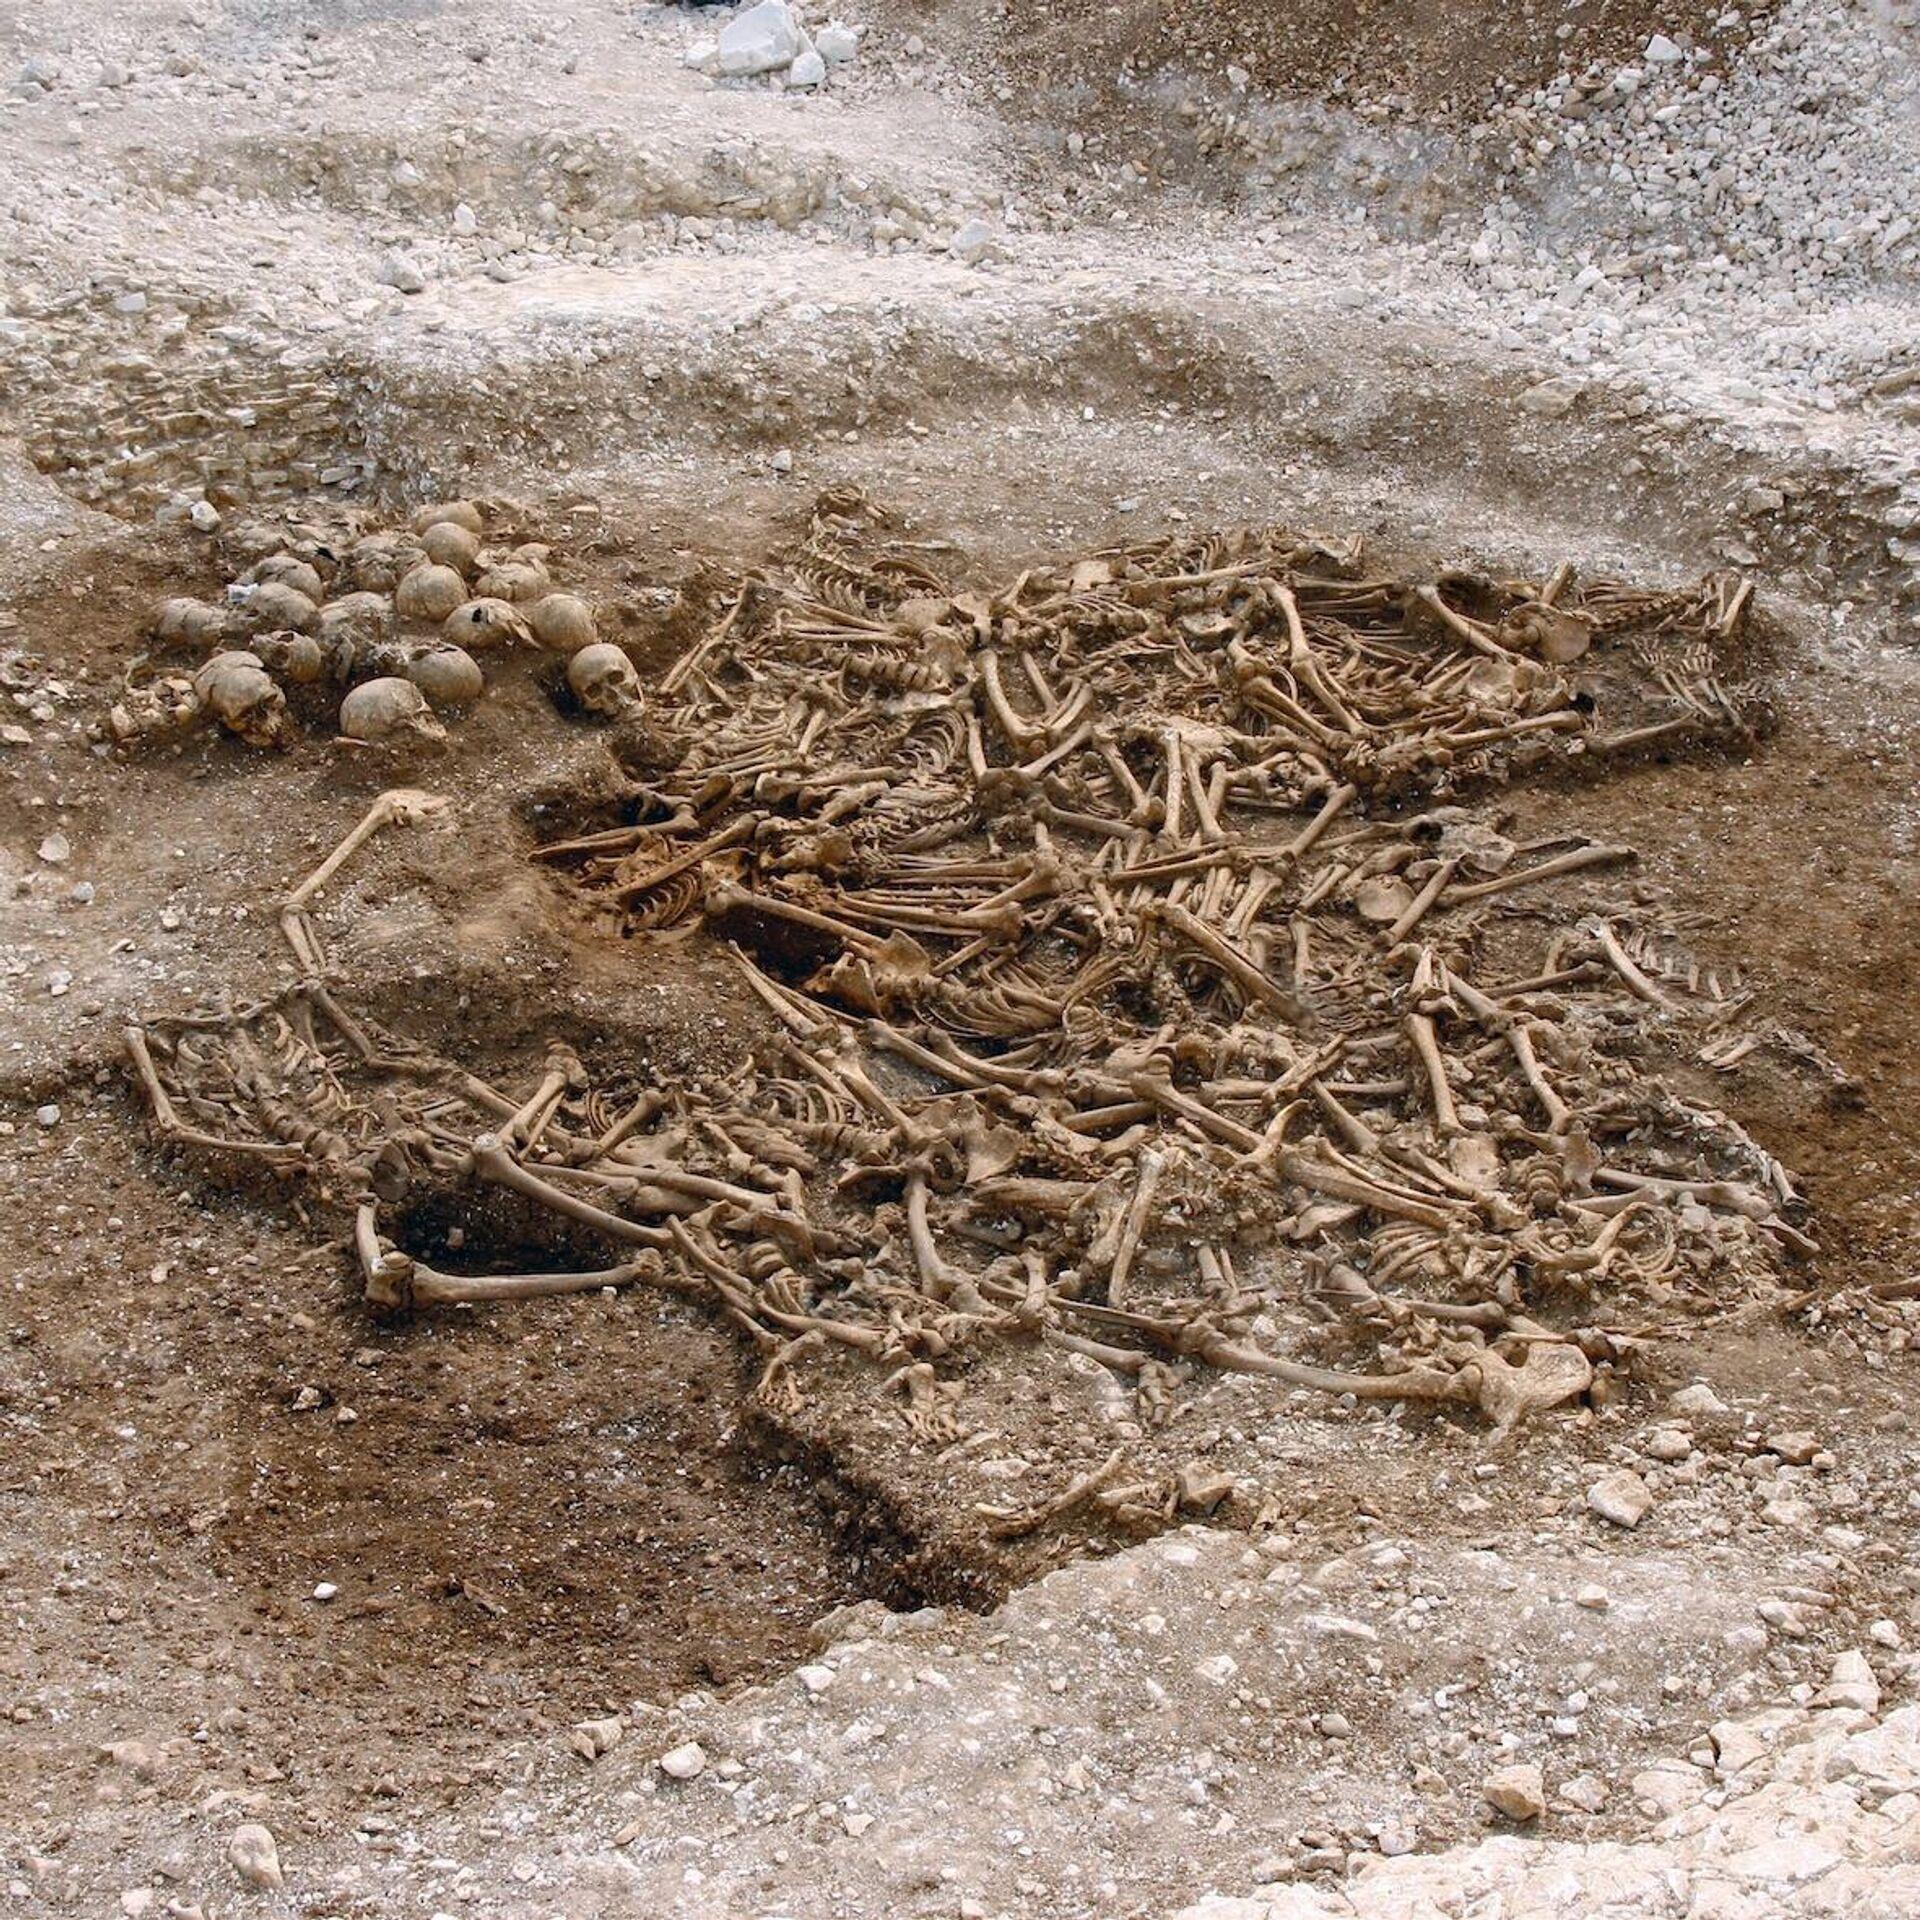 Братское захоронение пятидесяти обезглавленных викингов в в графстве Дорсет, Великобритания - РИА Новости, 1920, 20.02.2021